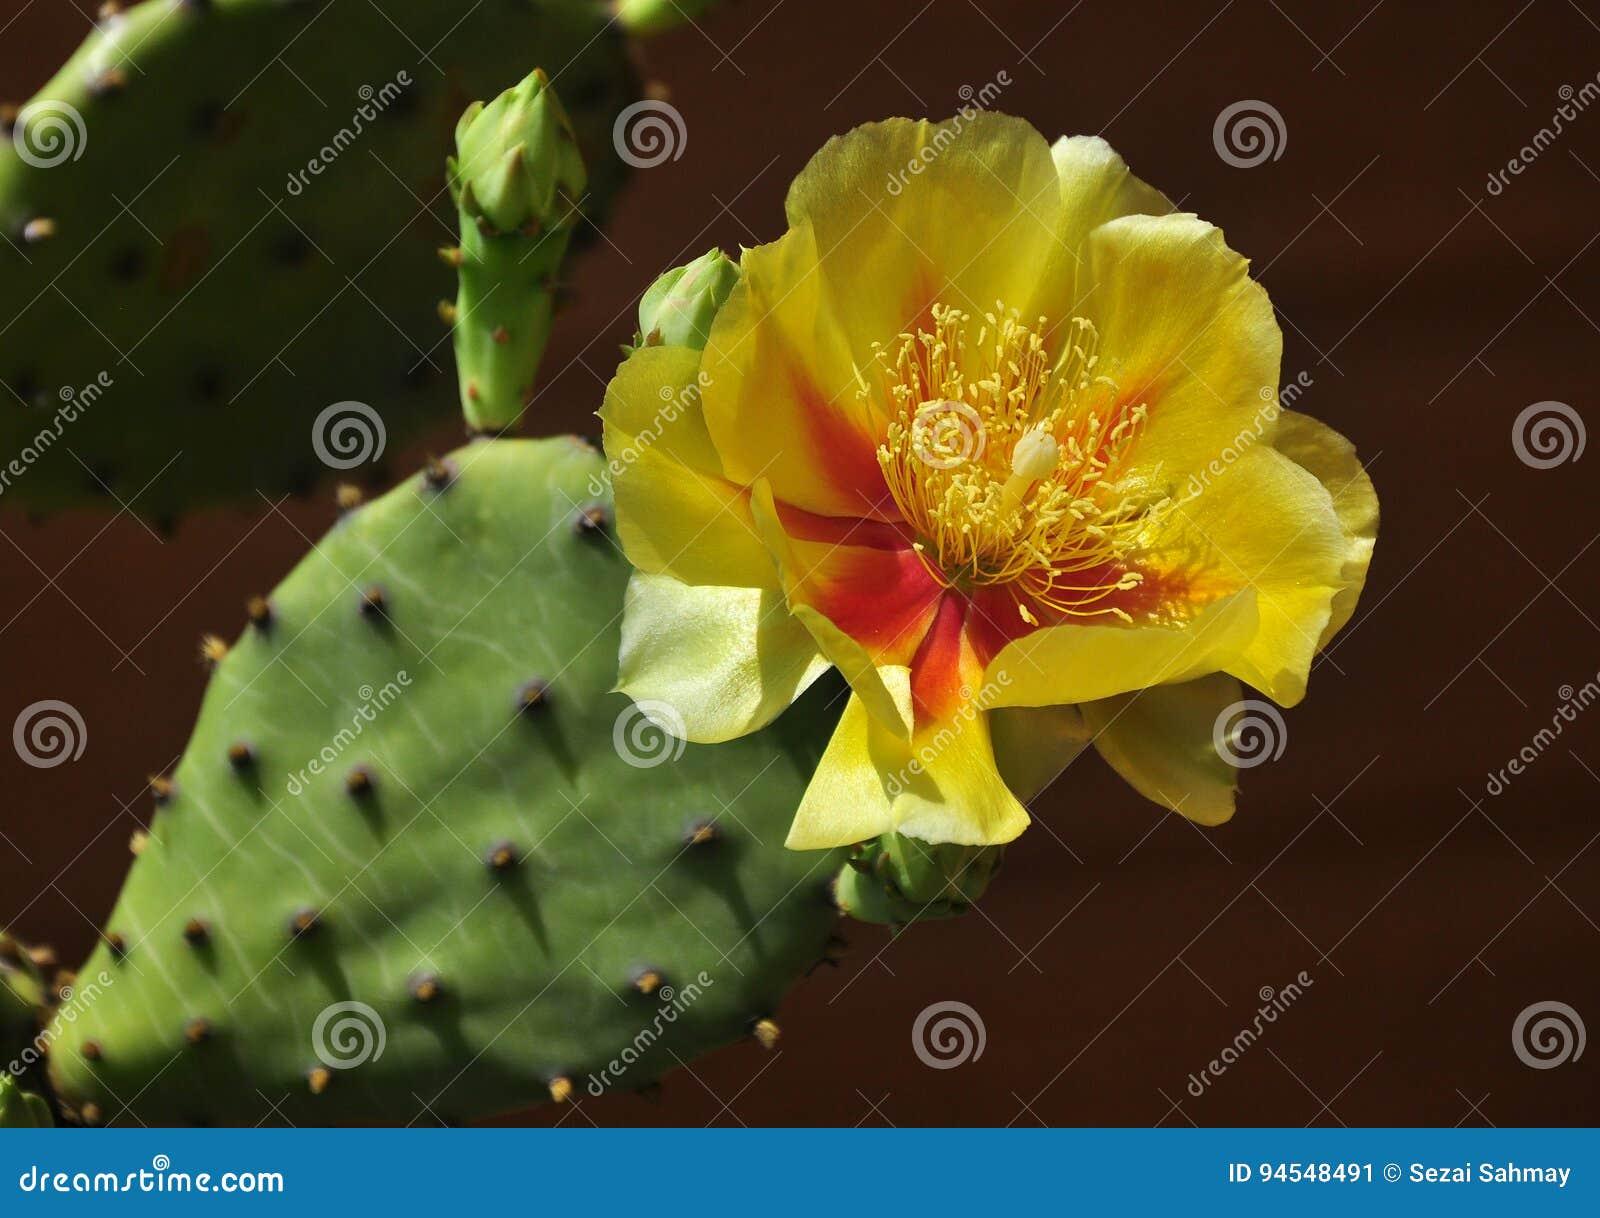 Cactus flower stock image. Image of botanical, blossom - 94548491